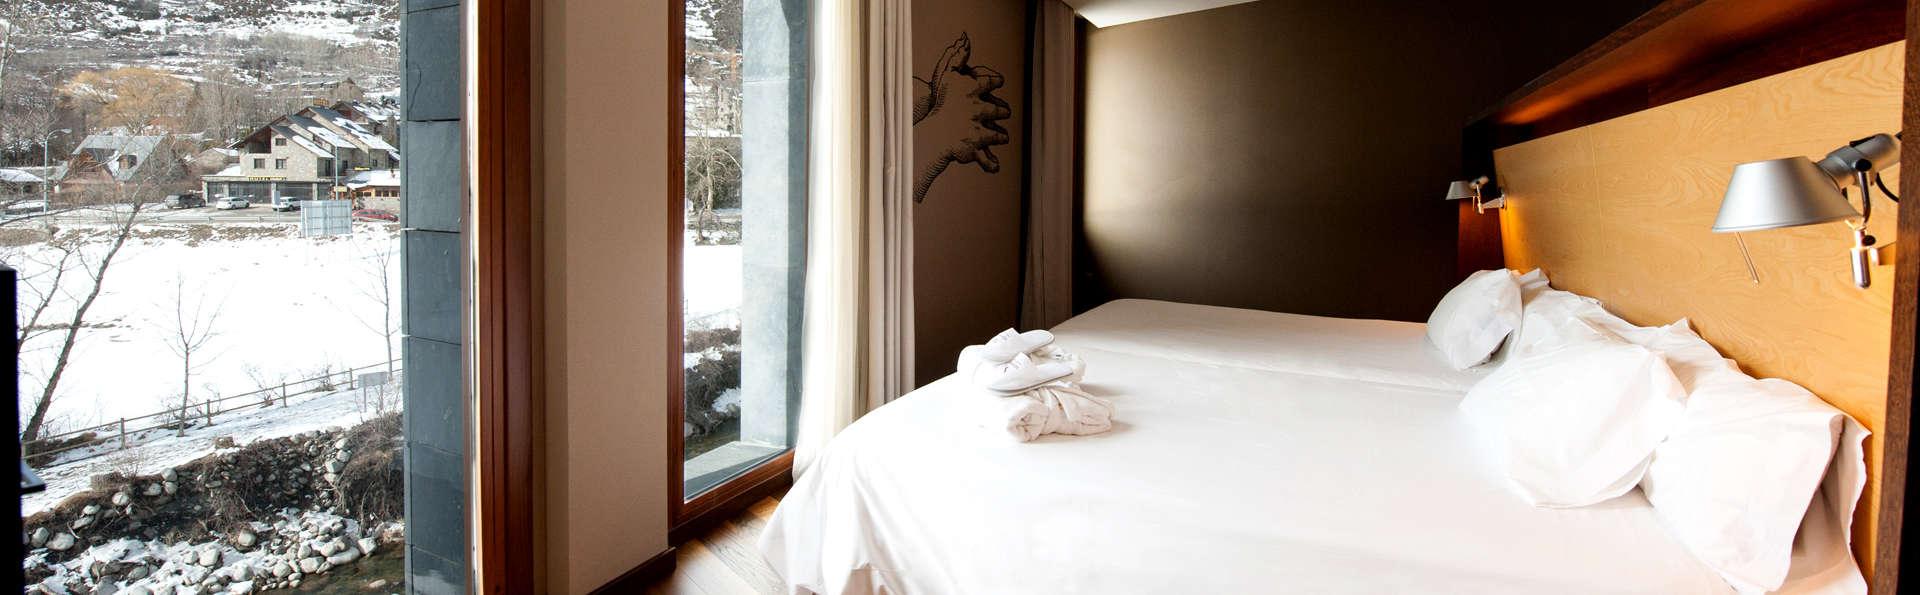 Relax con spa en un 4* y vistas maravillosas al valle de Benasque